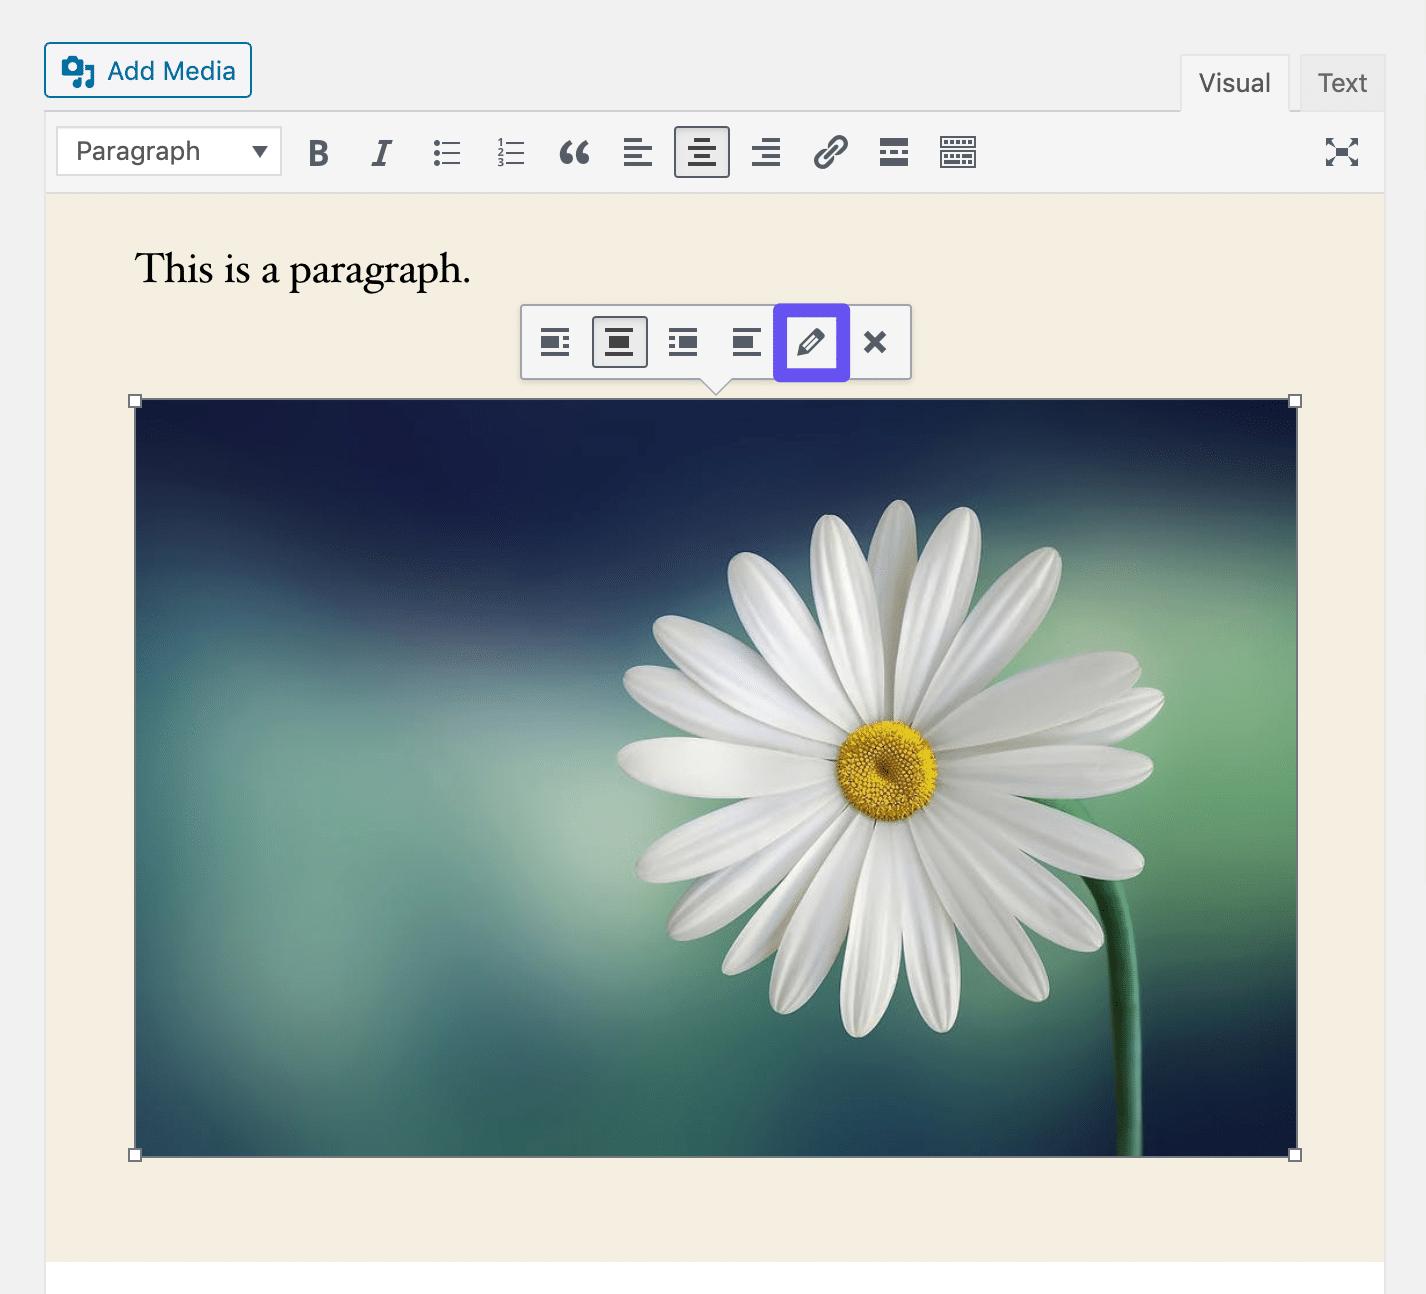 Apertura delle impostazioni dell'immagine nel Classic Editor